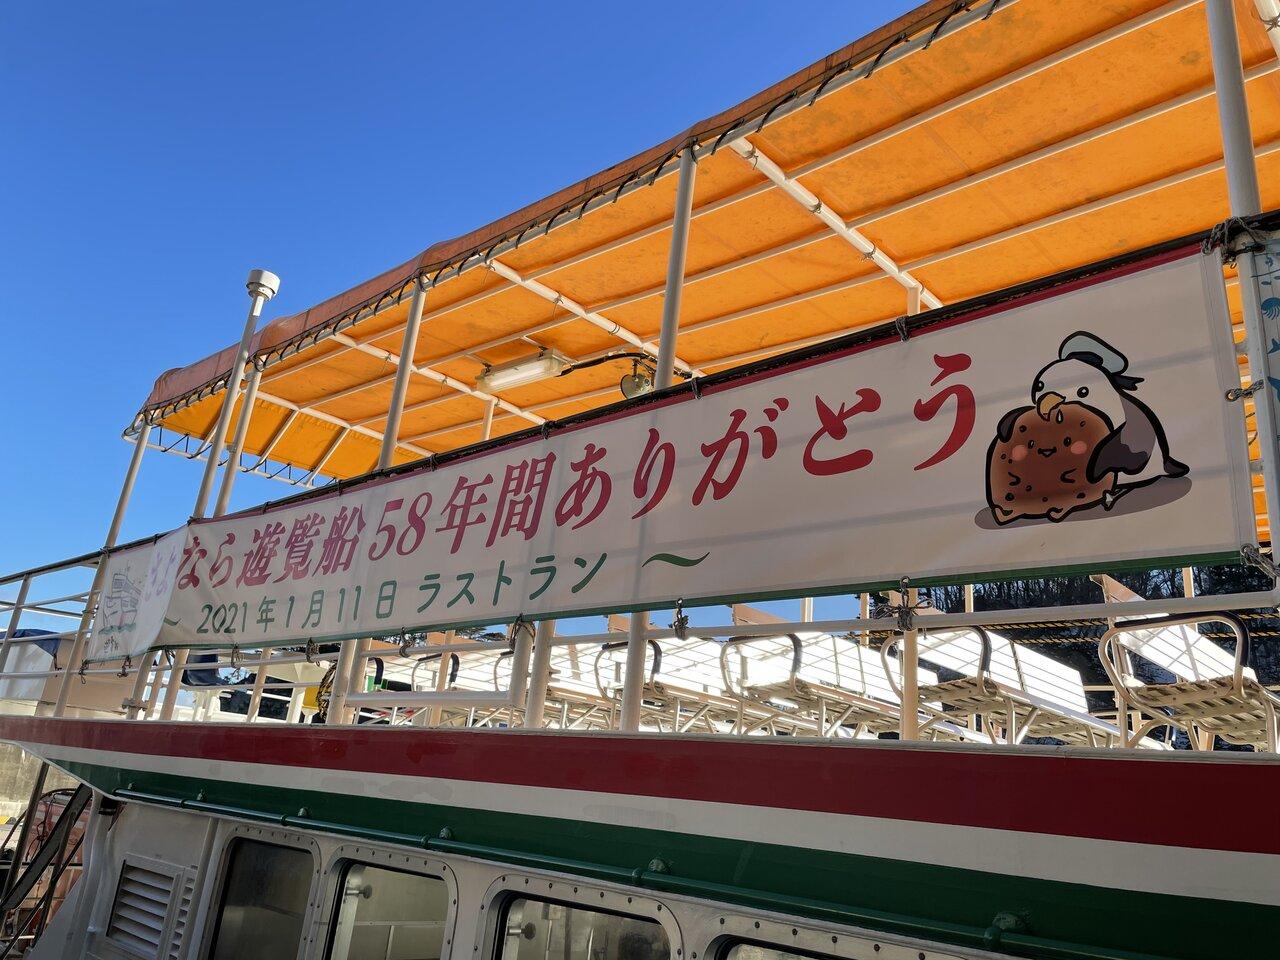 遊覧 浄土 ヶ 船 浜